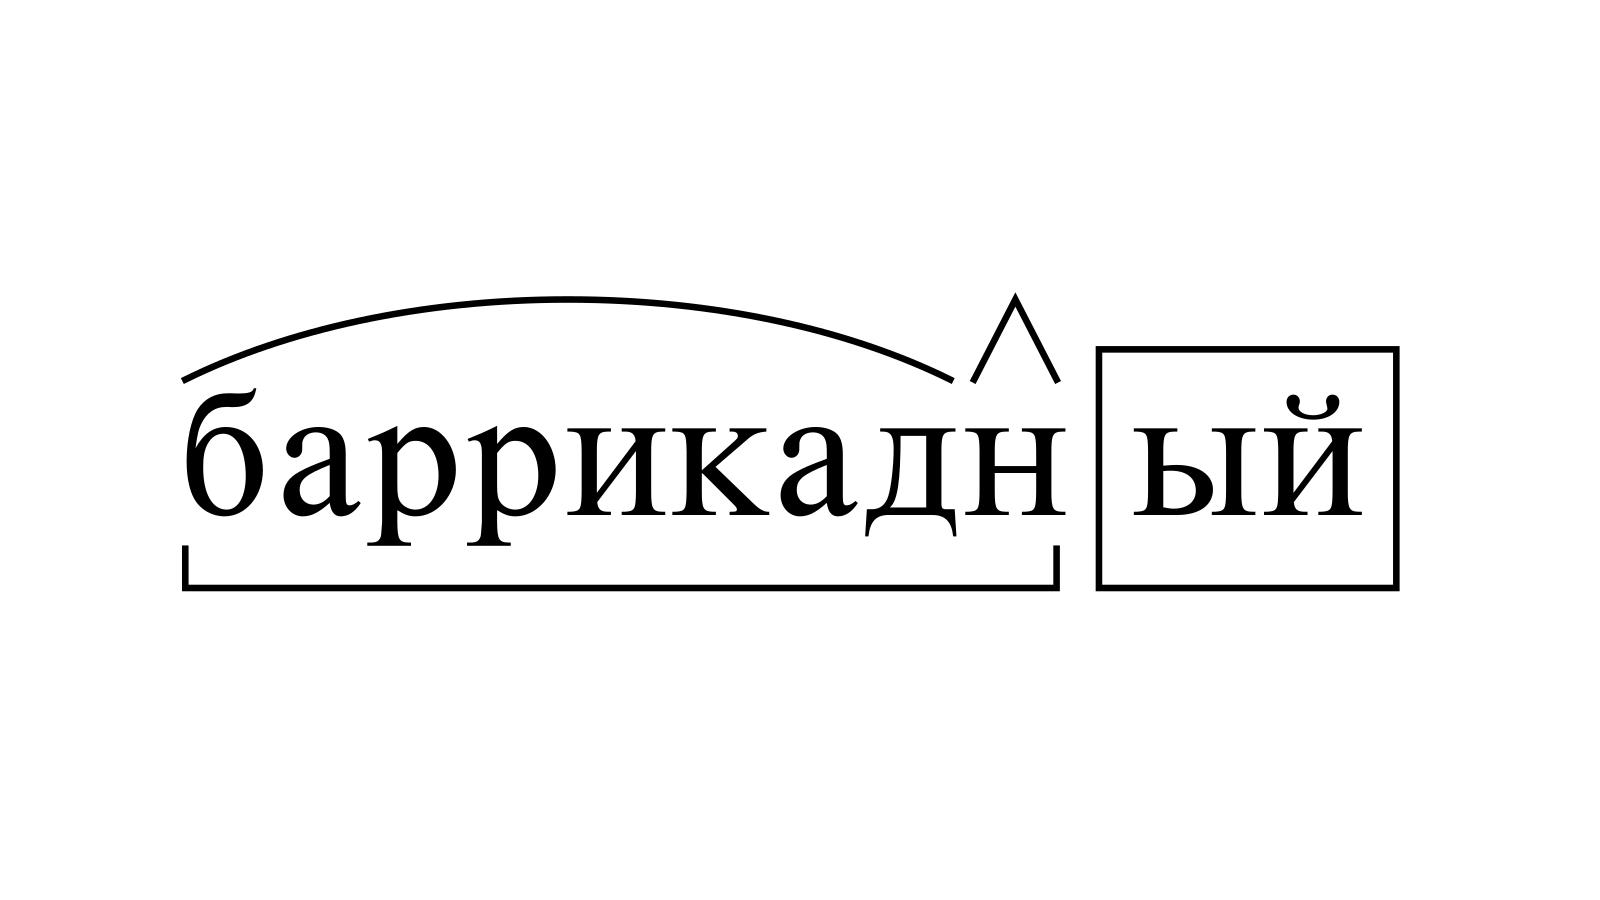 Разбор слова «баррикадный» по составу